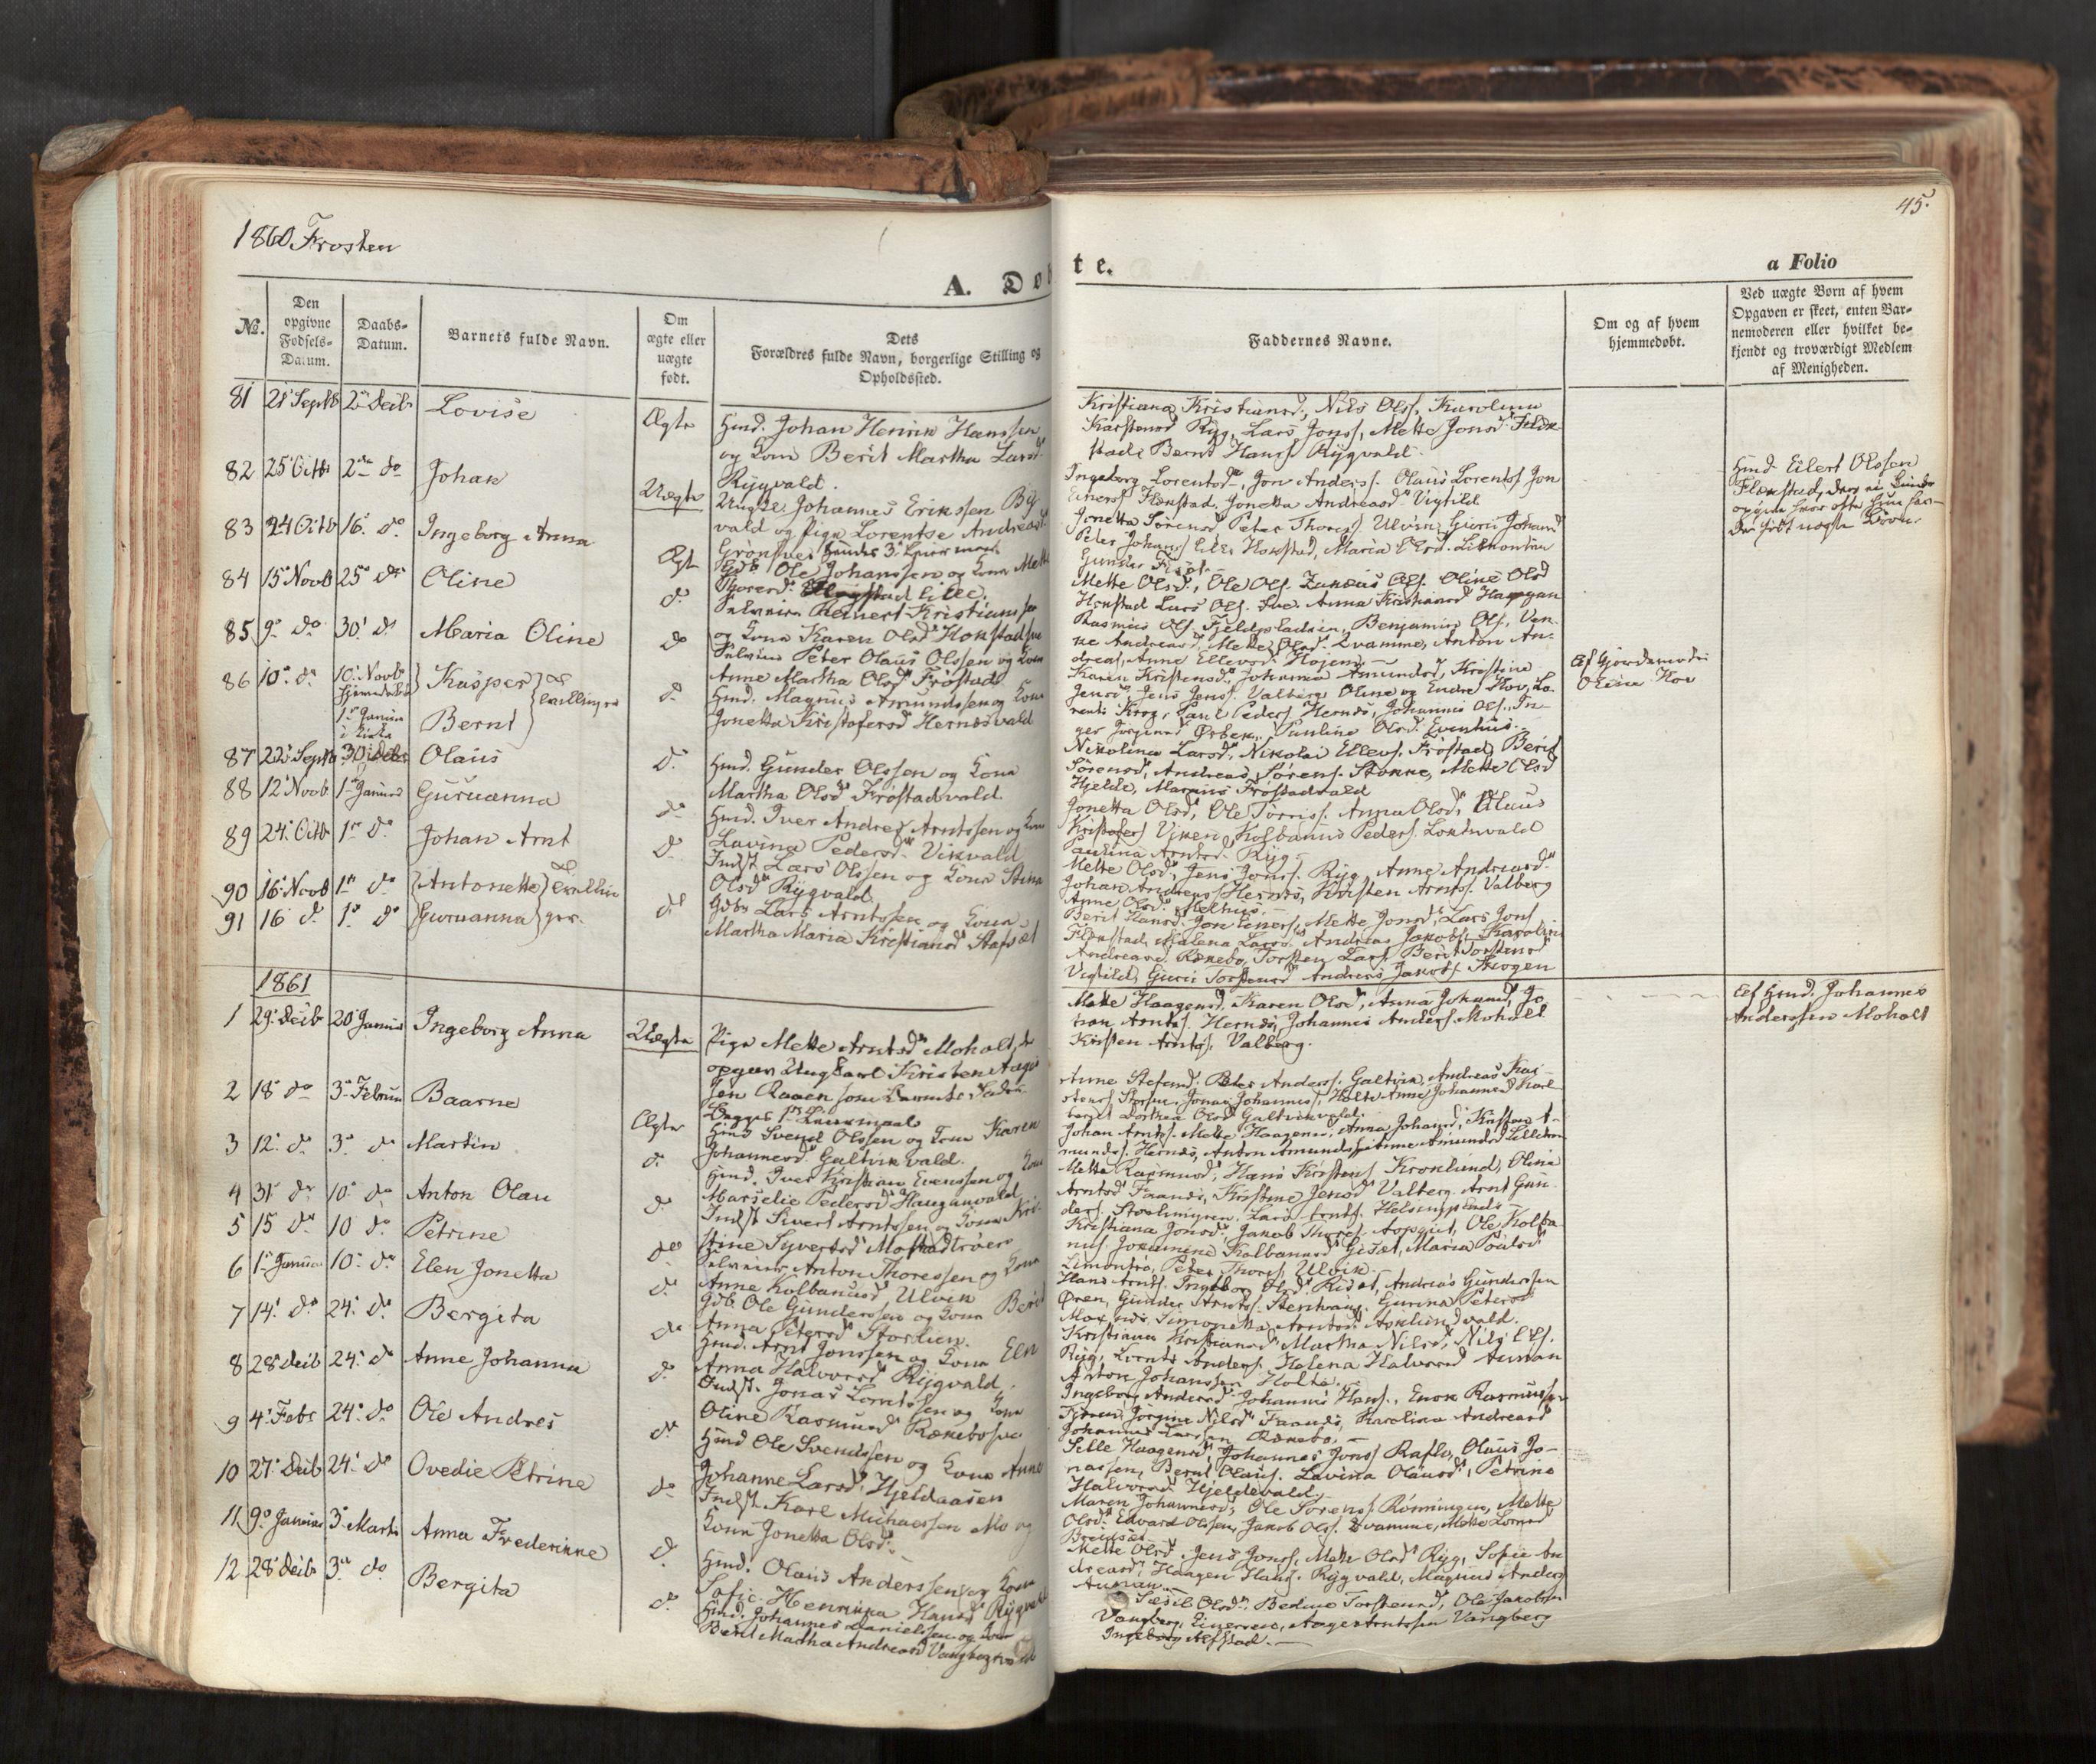 SAT, Ministerialprotokoller, klokkerbøker og fødselsregistre - Nord-Trøndelag, 713/L0116: Ministerialbok nr. 713A07, 1850-1877, s. 45